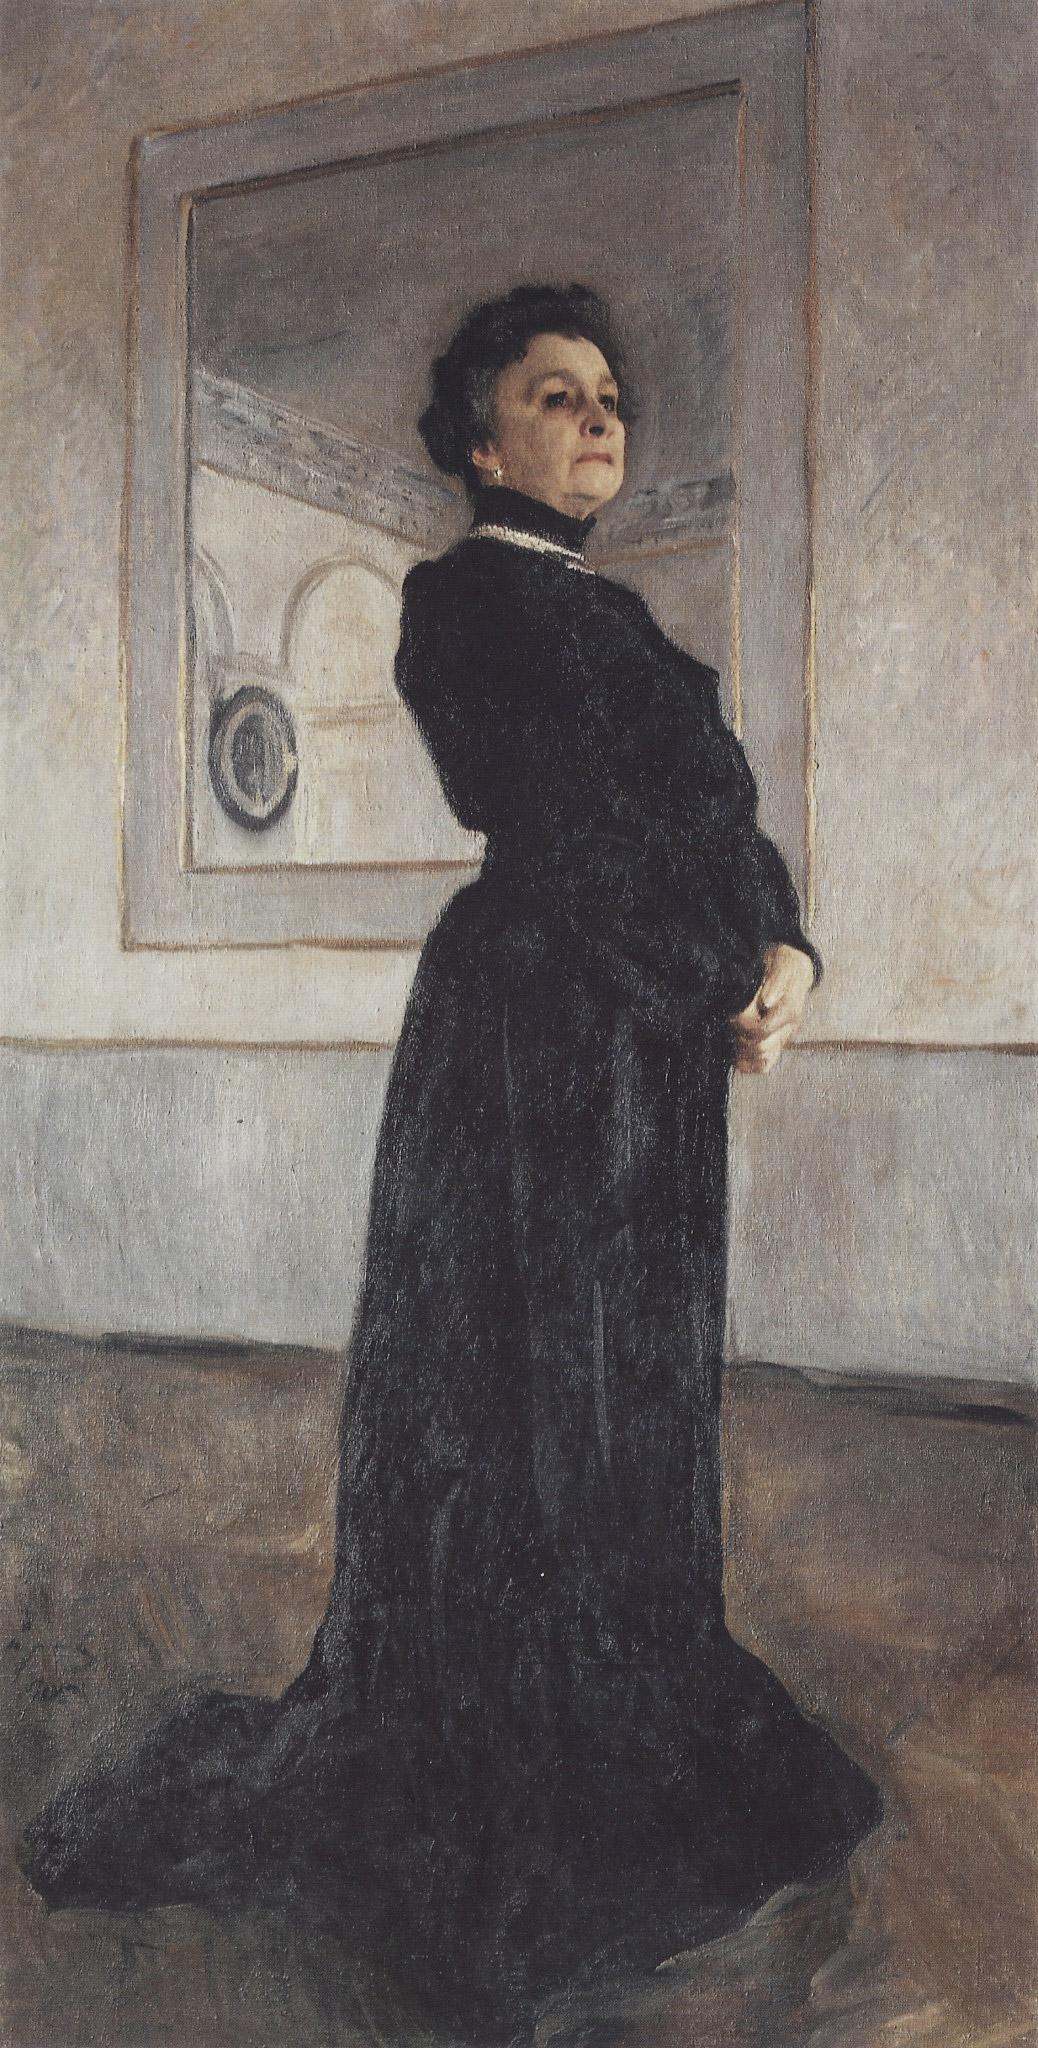 Портрет Ермоловой. В. Серов, 1905. Масло